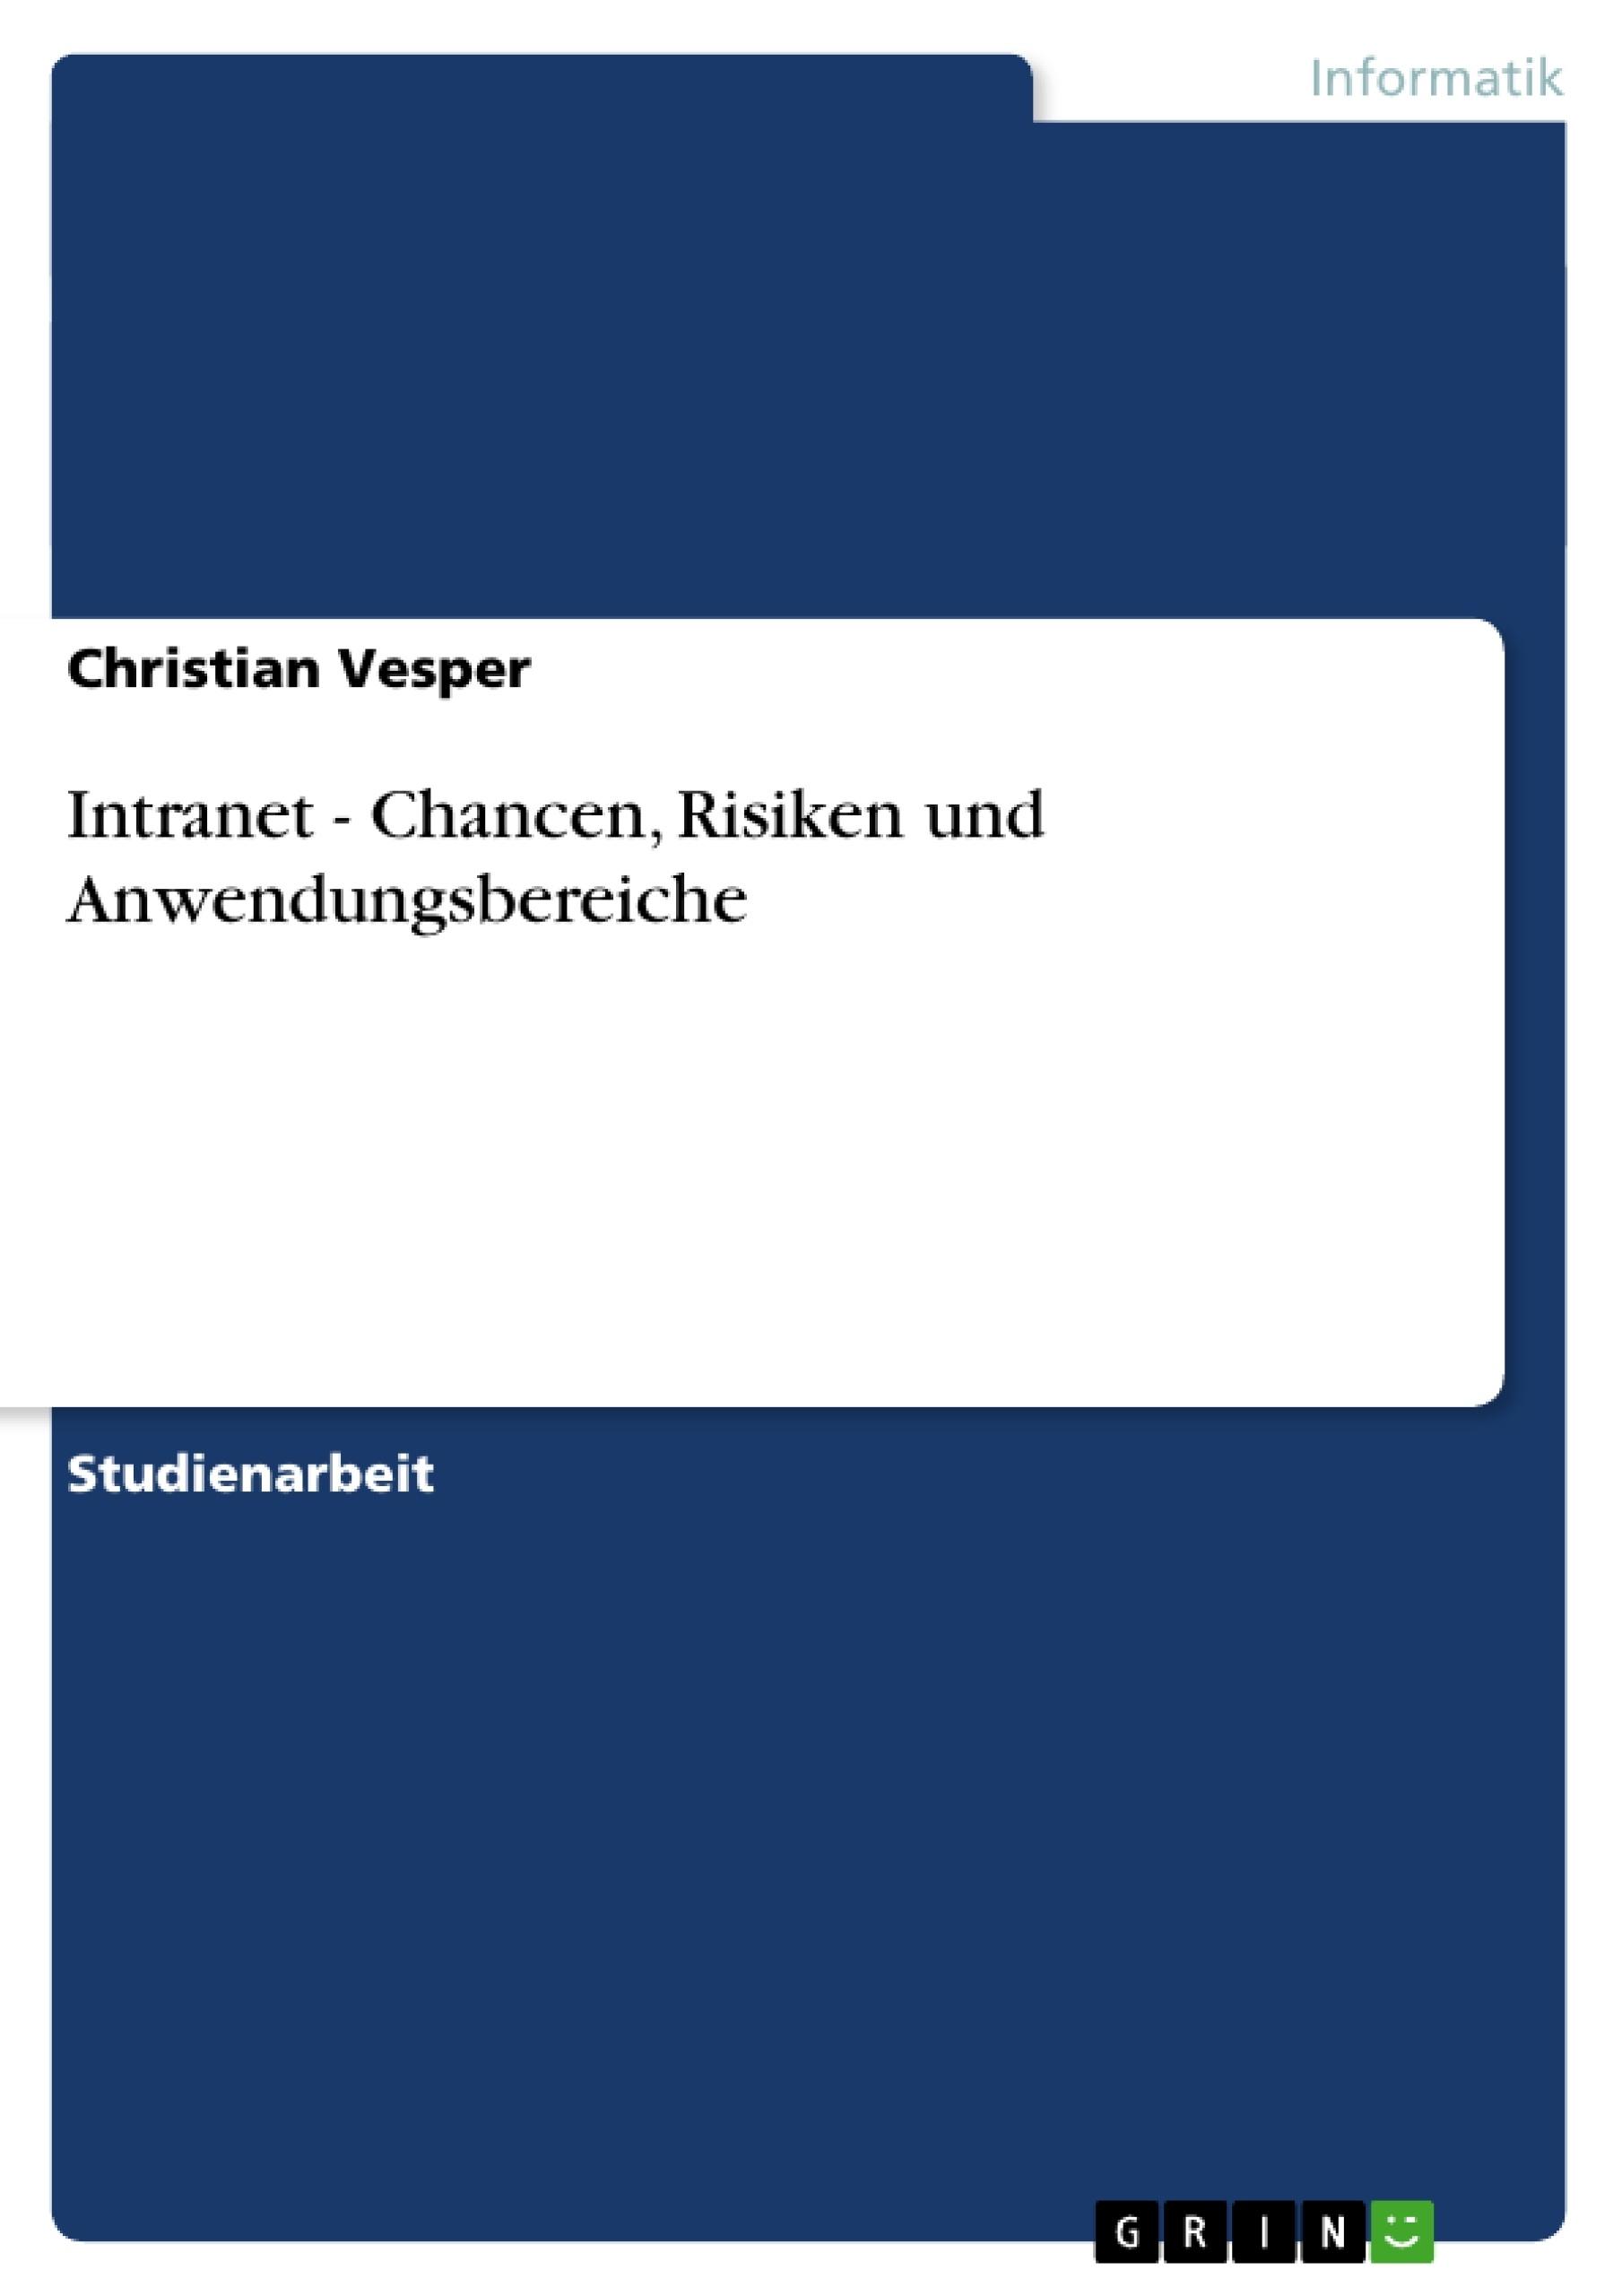 Titel: Intranet - Chancen, Risiken und Anwendungsbereiche